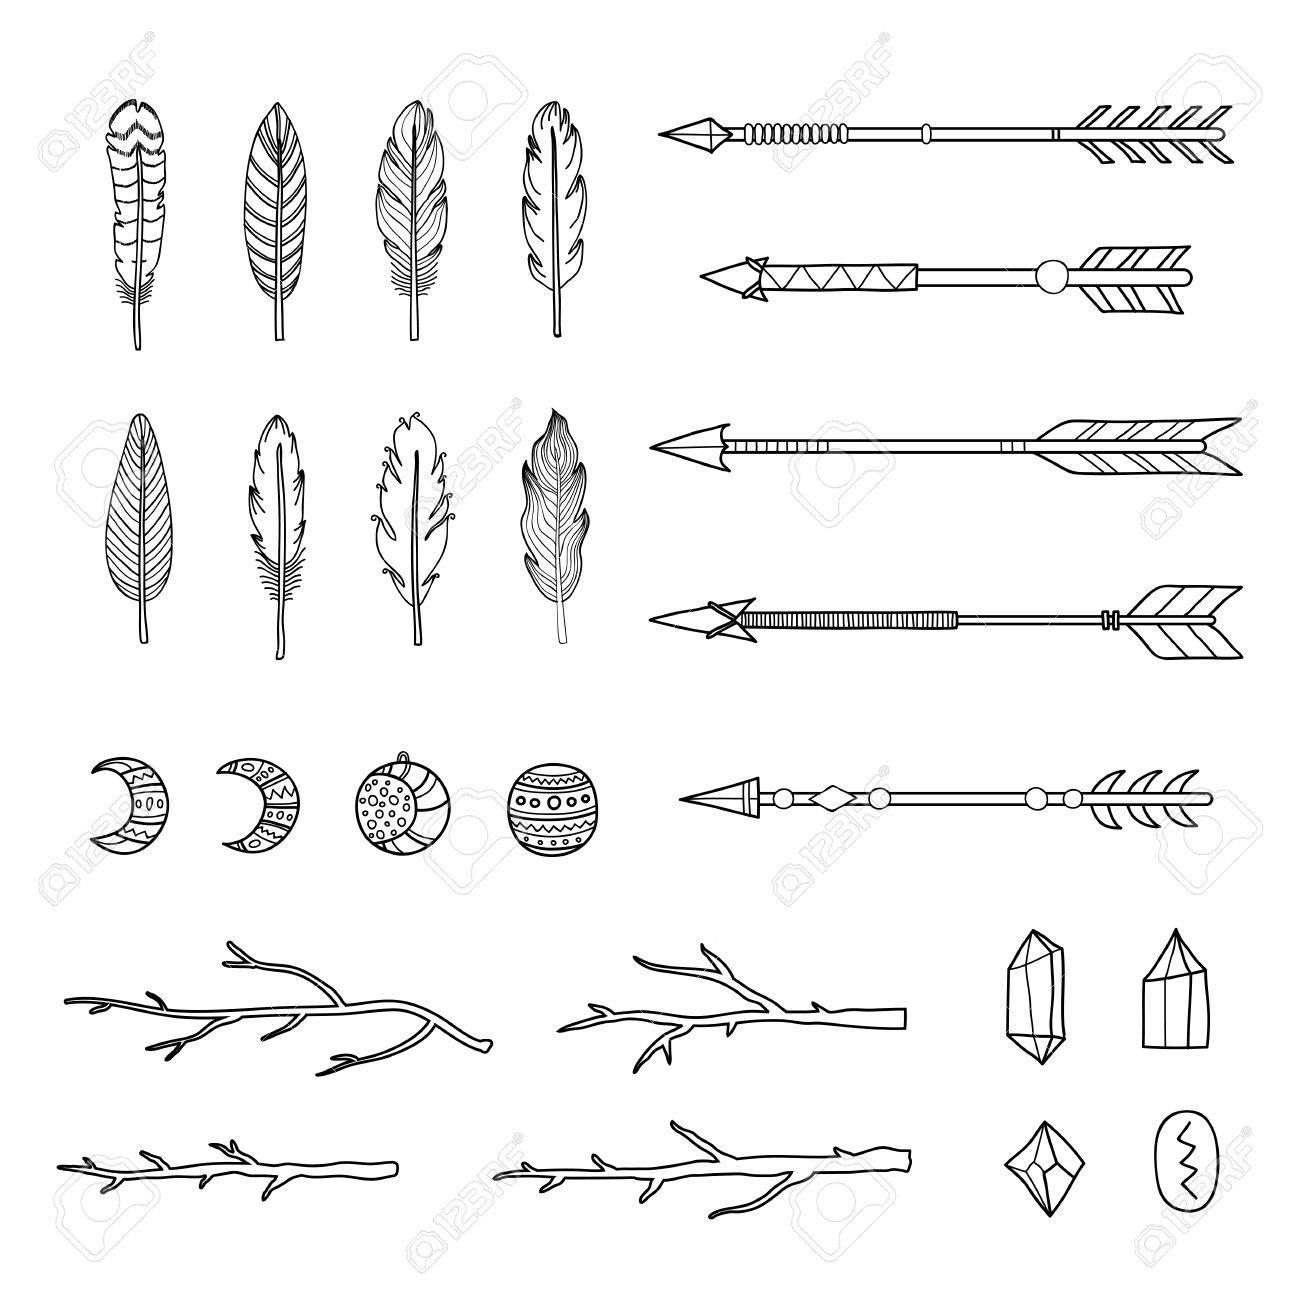 Colección De Dibujado A Mano Indio Plumas Boho Flechas Ramas Y Cristales Aislados Sobre Fondo Blanco Puede Ser Utilizado Para Las Invitaciones De